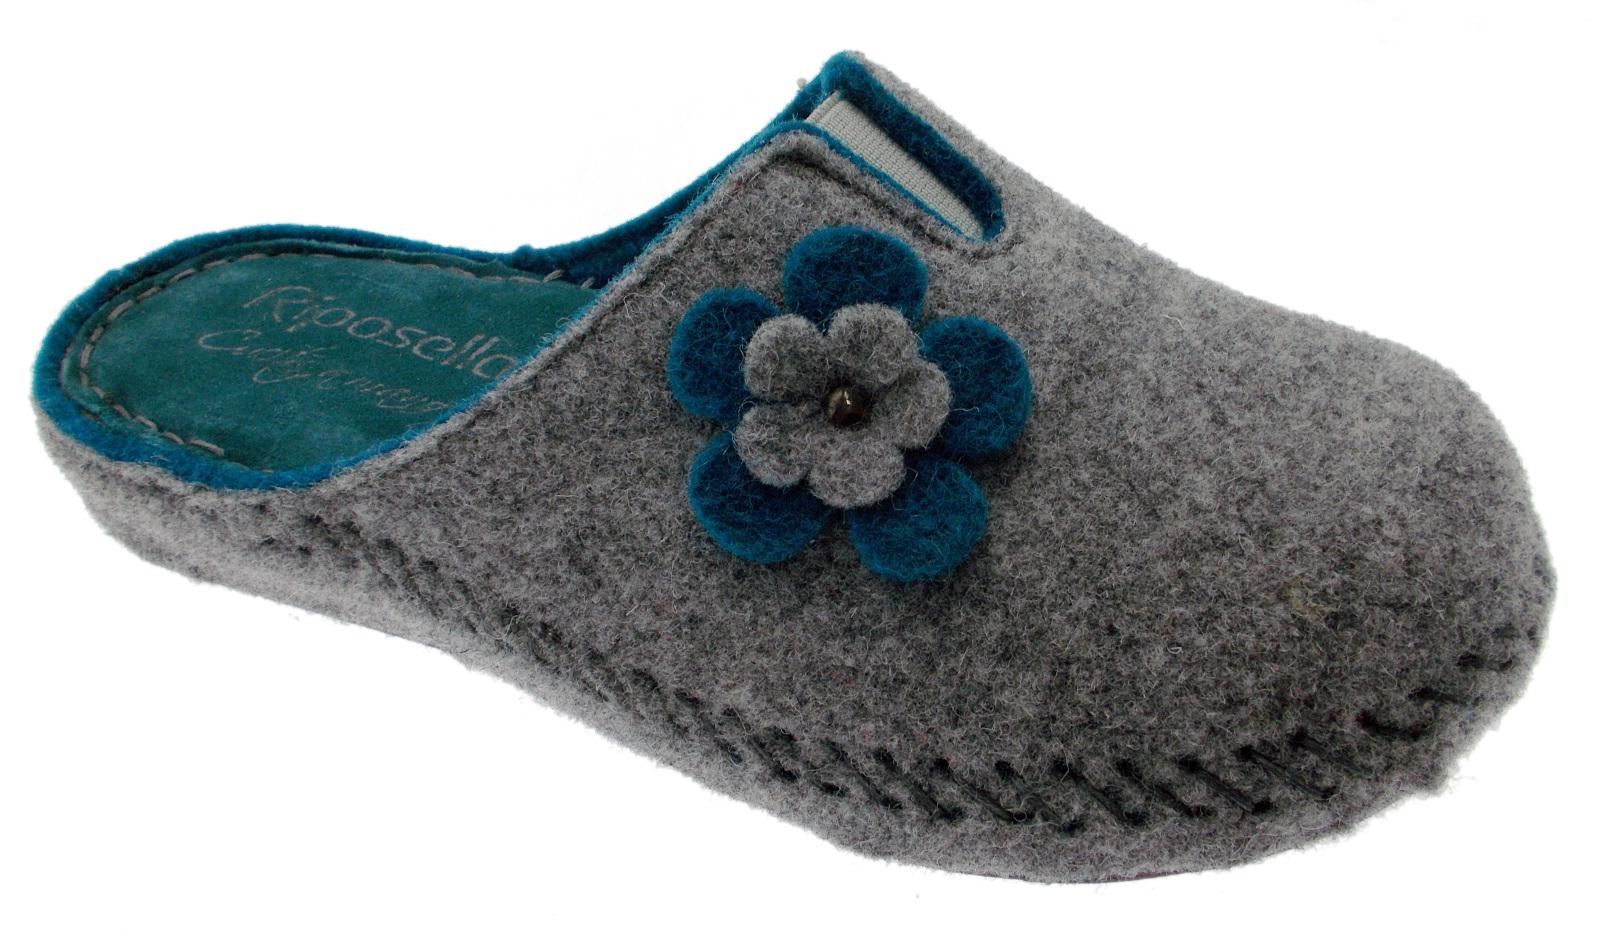 ciabatta grigio petrolio panno lana cotta fiore extra large art 40760 Riposella